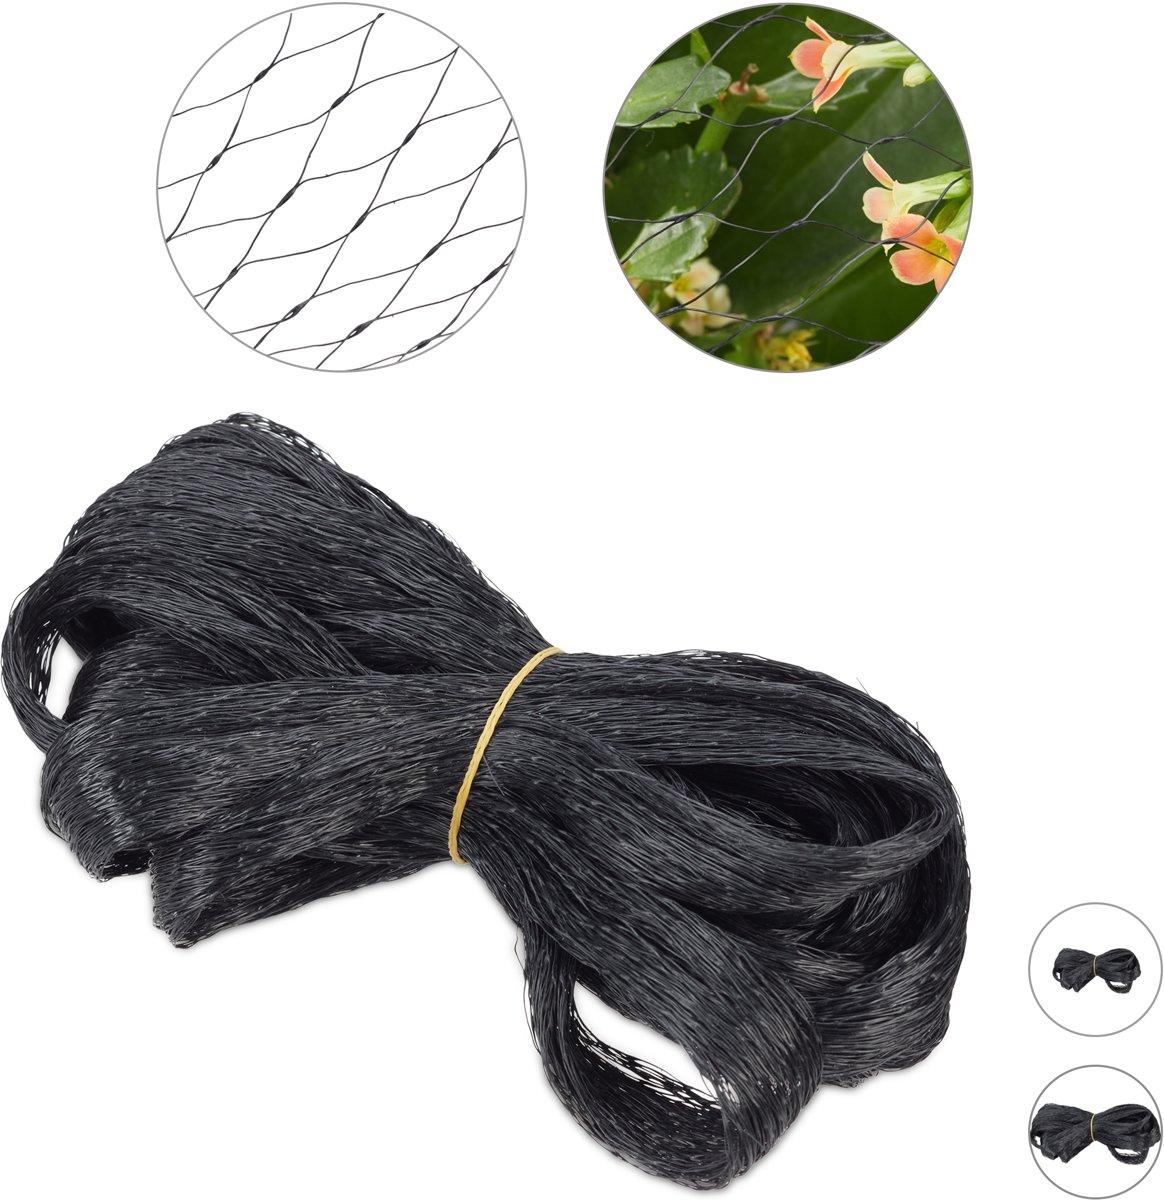 relaxdays vogelnet - vijvernet - kleine maaswijdte - fruitnet - anti-vogelnet - zwart 5 x 4 m kopen